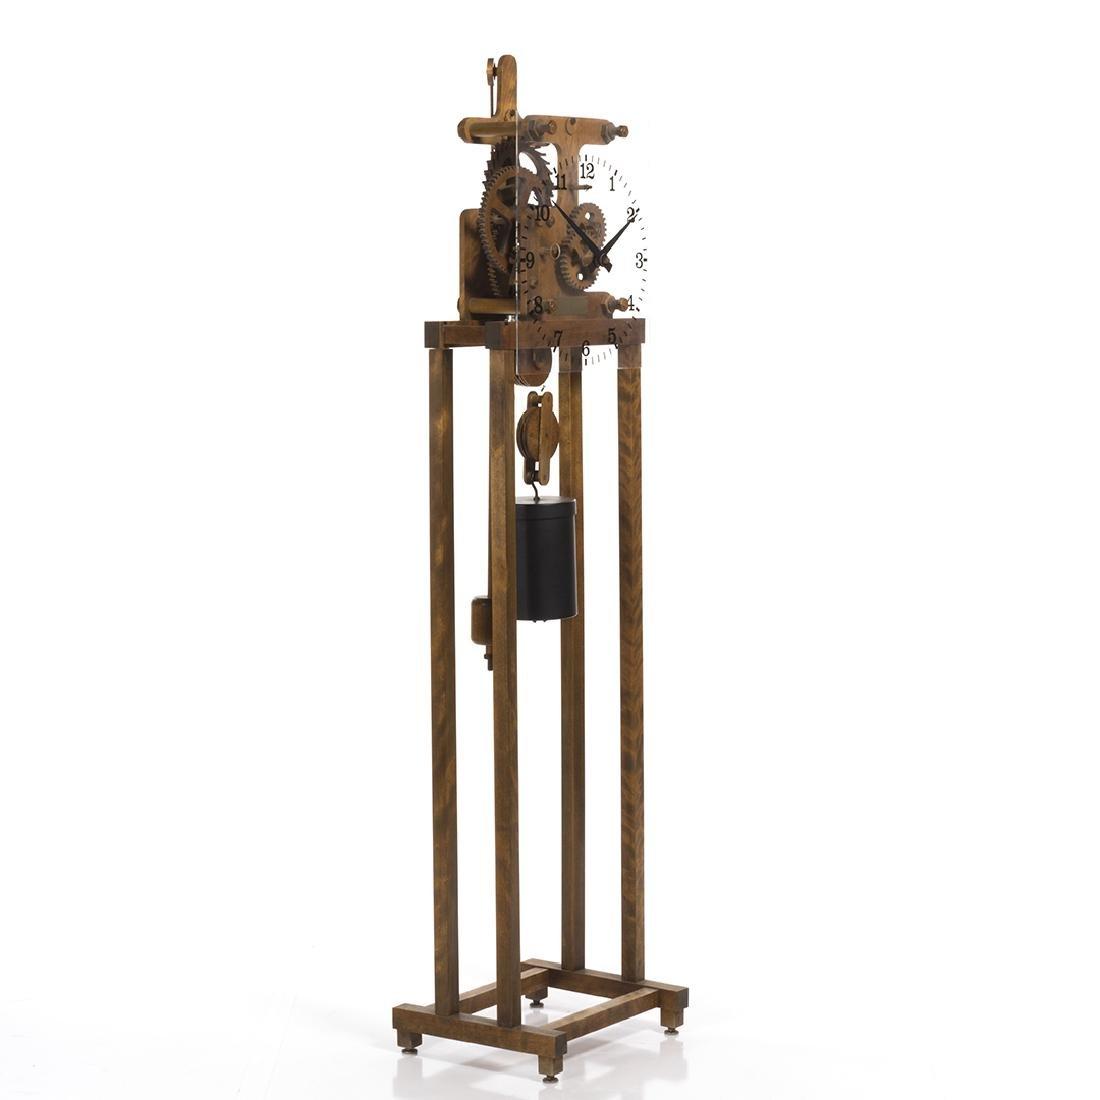 William Talmadge Wooden Floor Standing Clock - 2